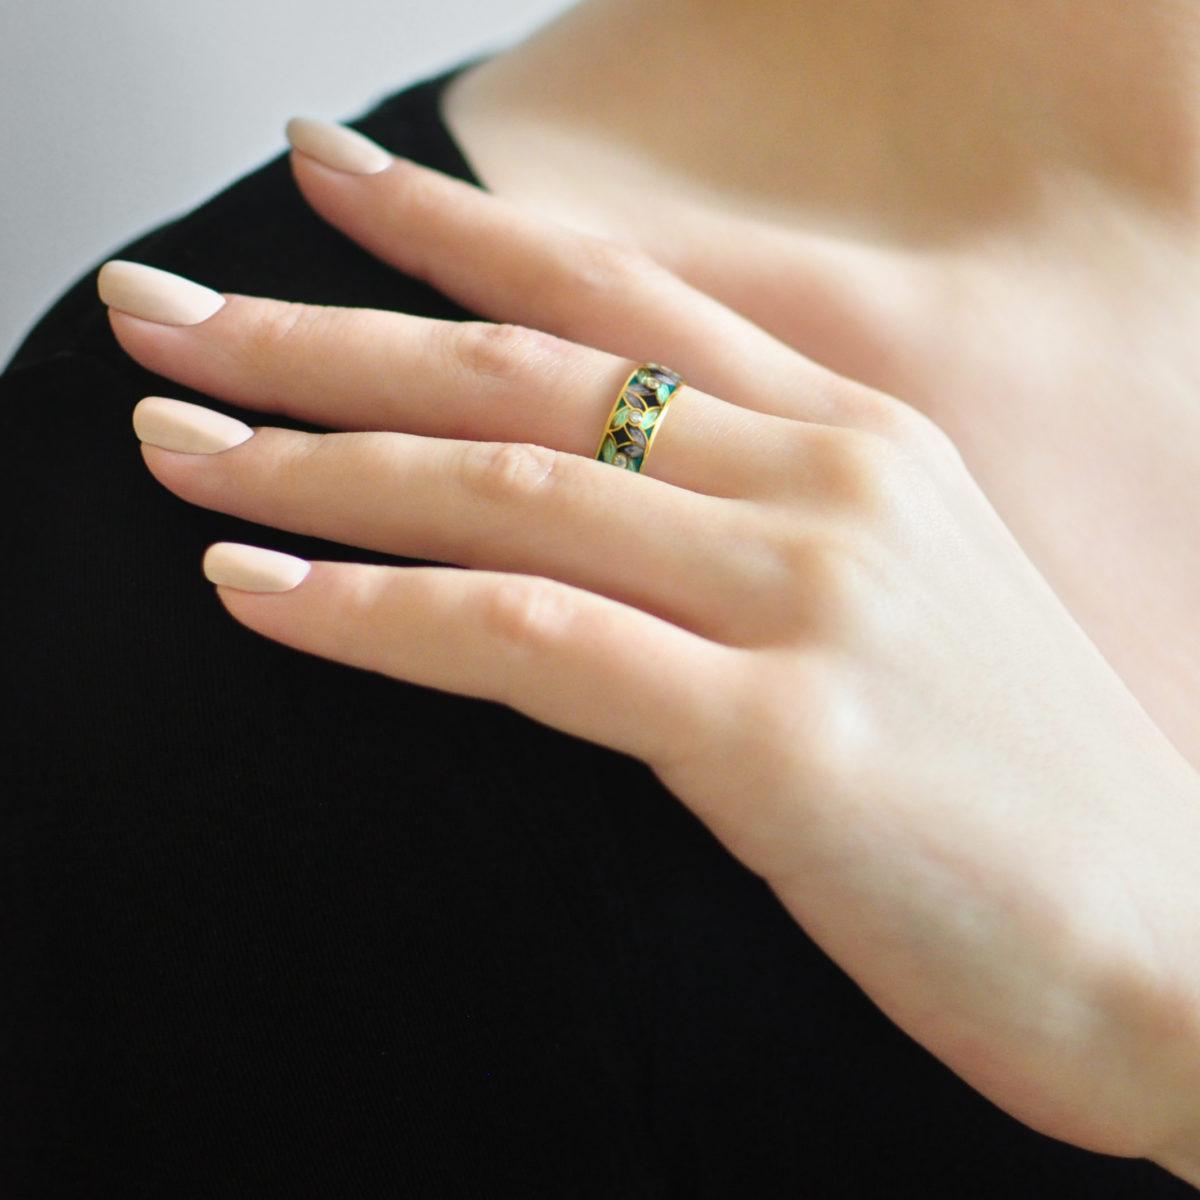 Zolochenie fioletovo zelenaya 1200x1200 - Кольцо из серебра «Ветерок» (золочение), фиолетово-зеленое с фианитами